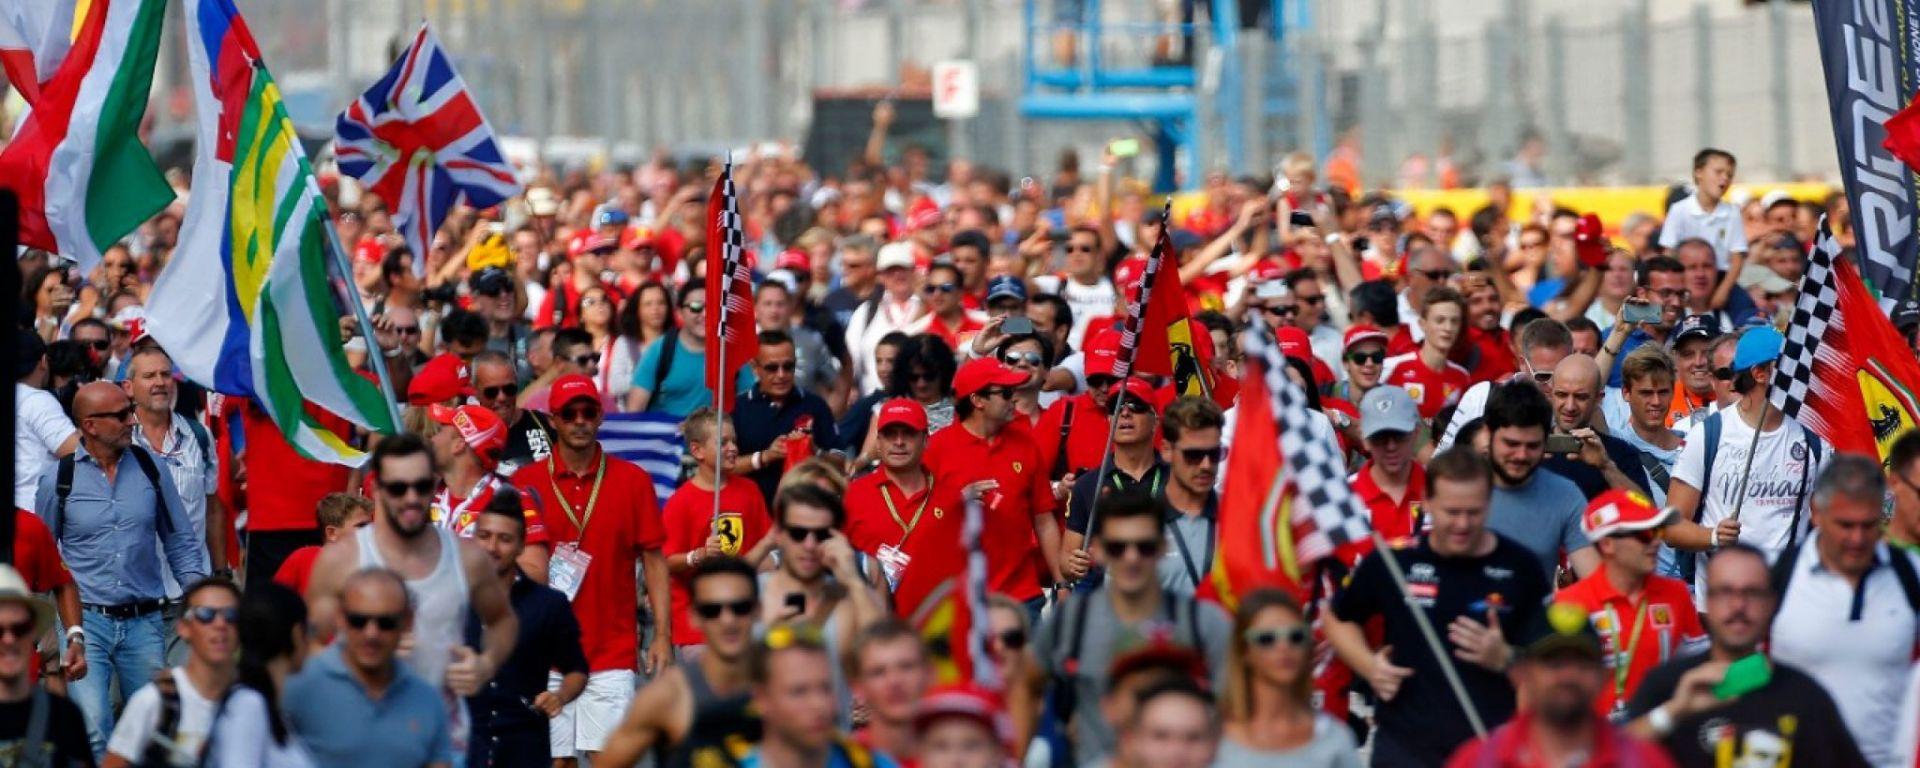 F1 2016 - Gran Premio d'Italia - Info e Risultati